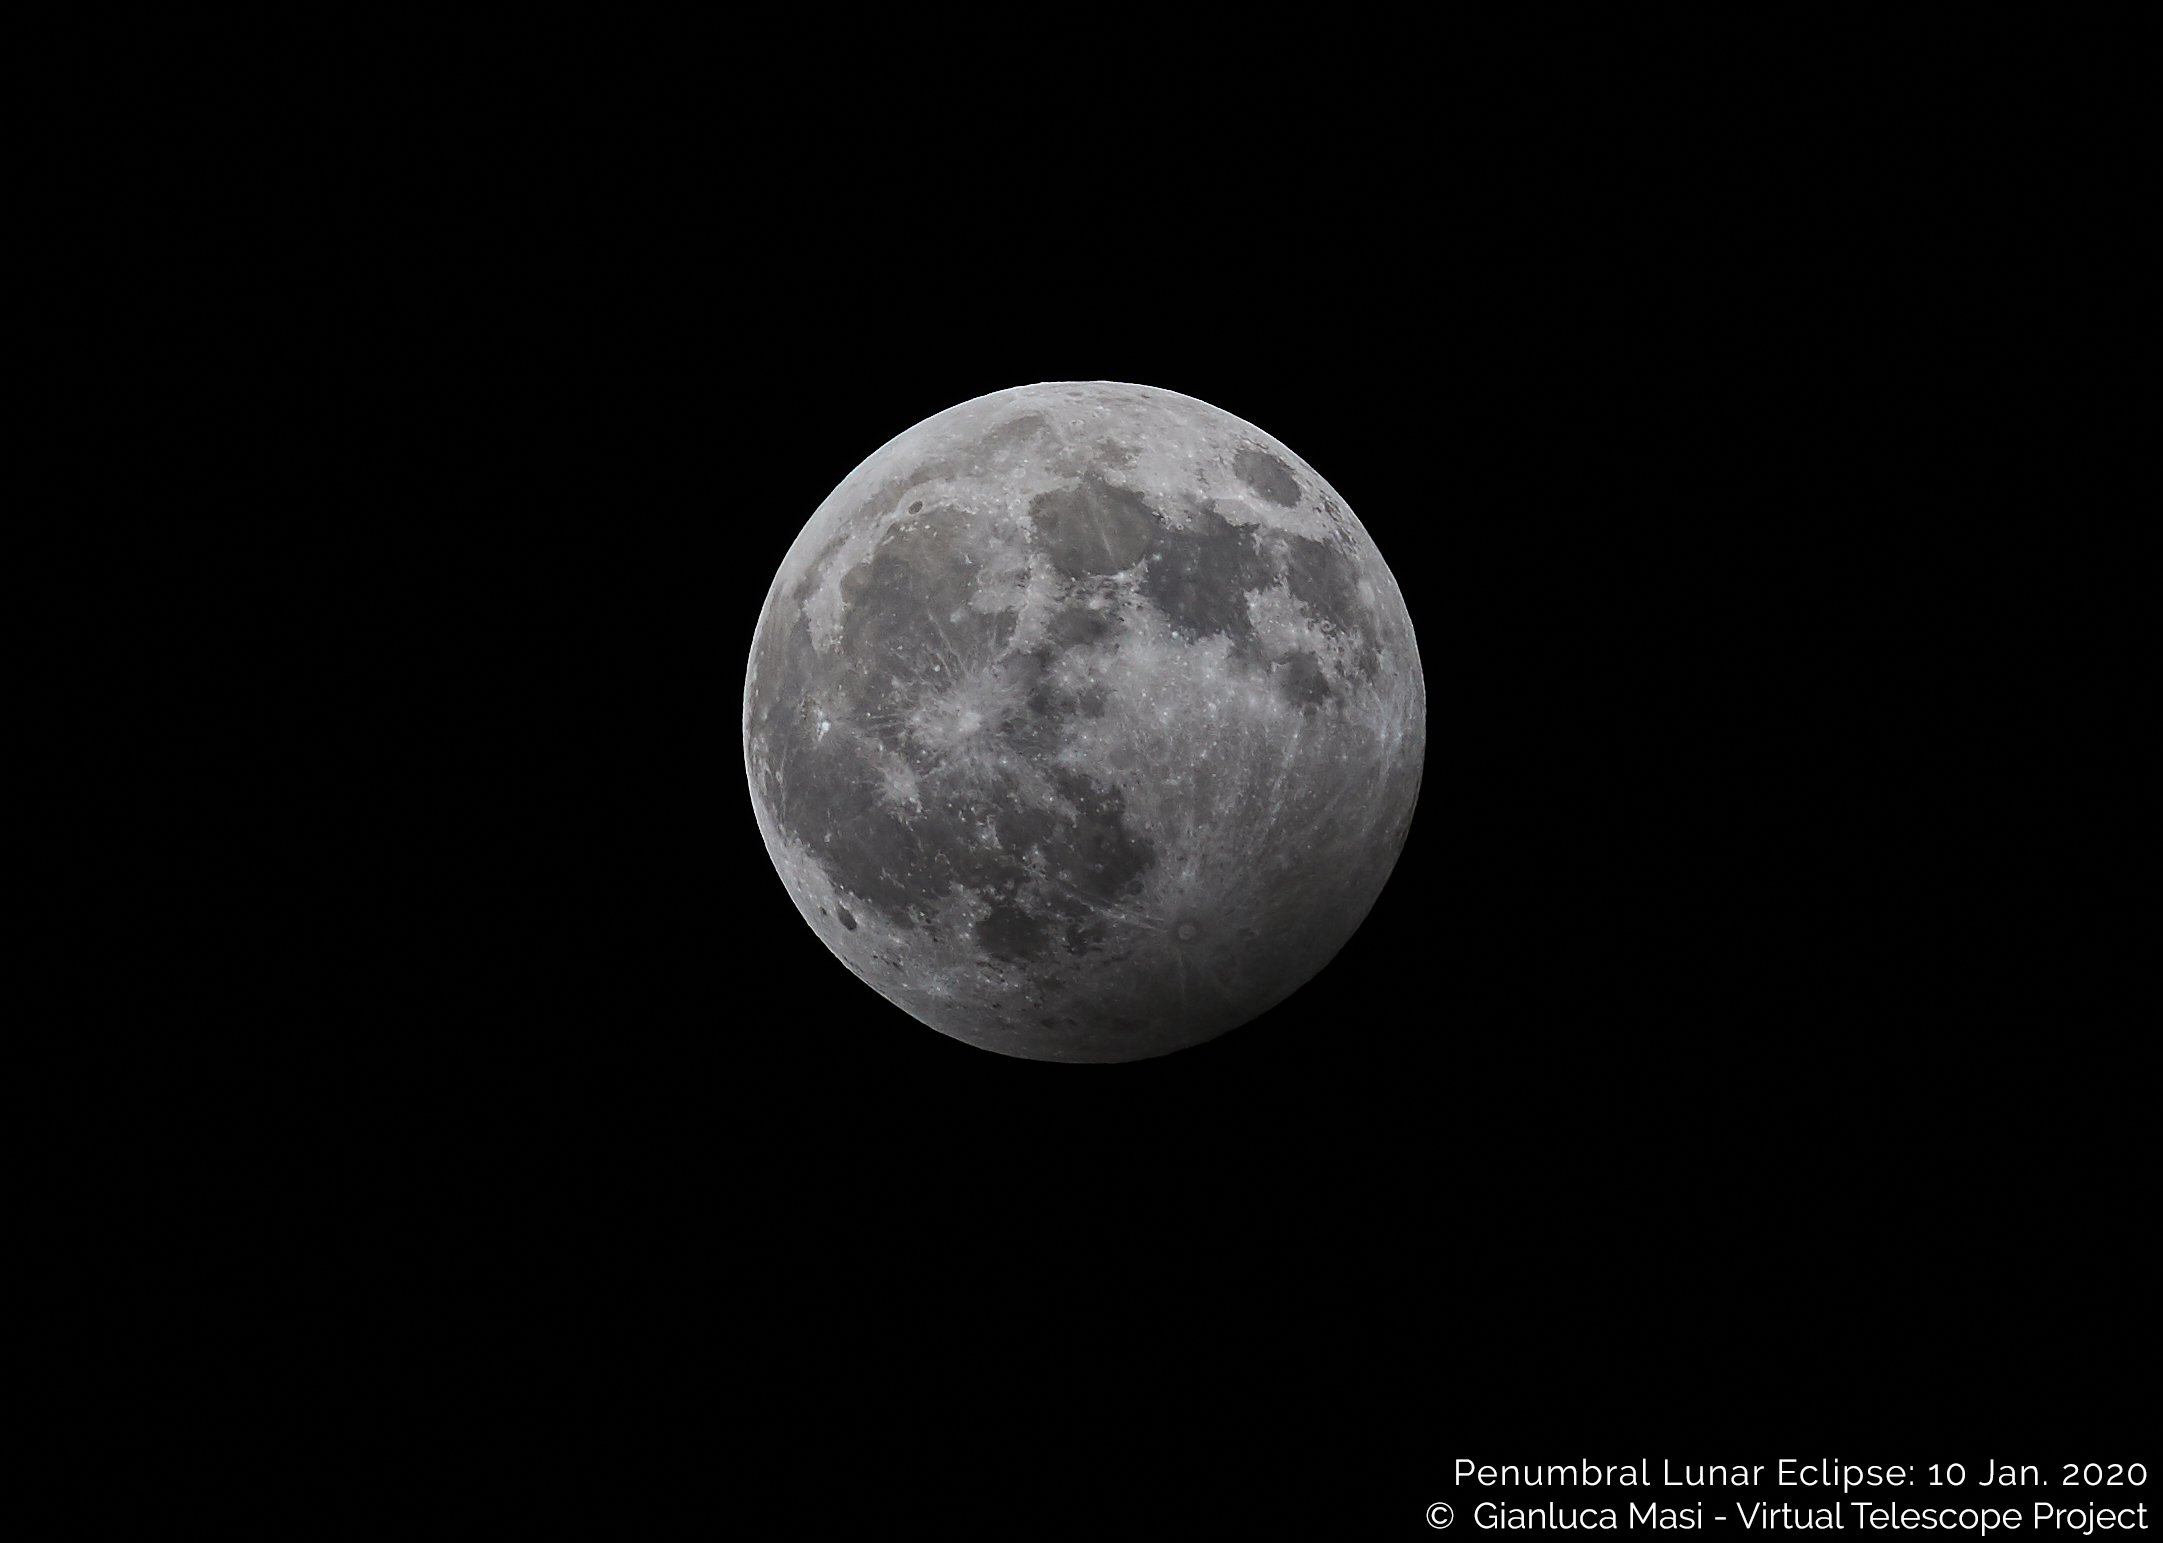 10 Jan. 2020, 19:10 UTC: the maximum of the penumbral eclipse.